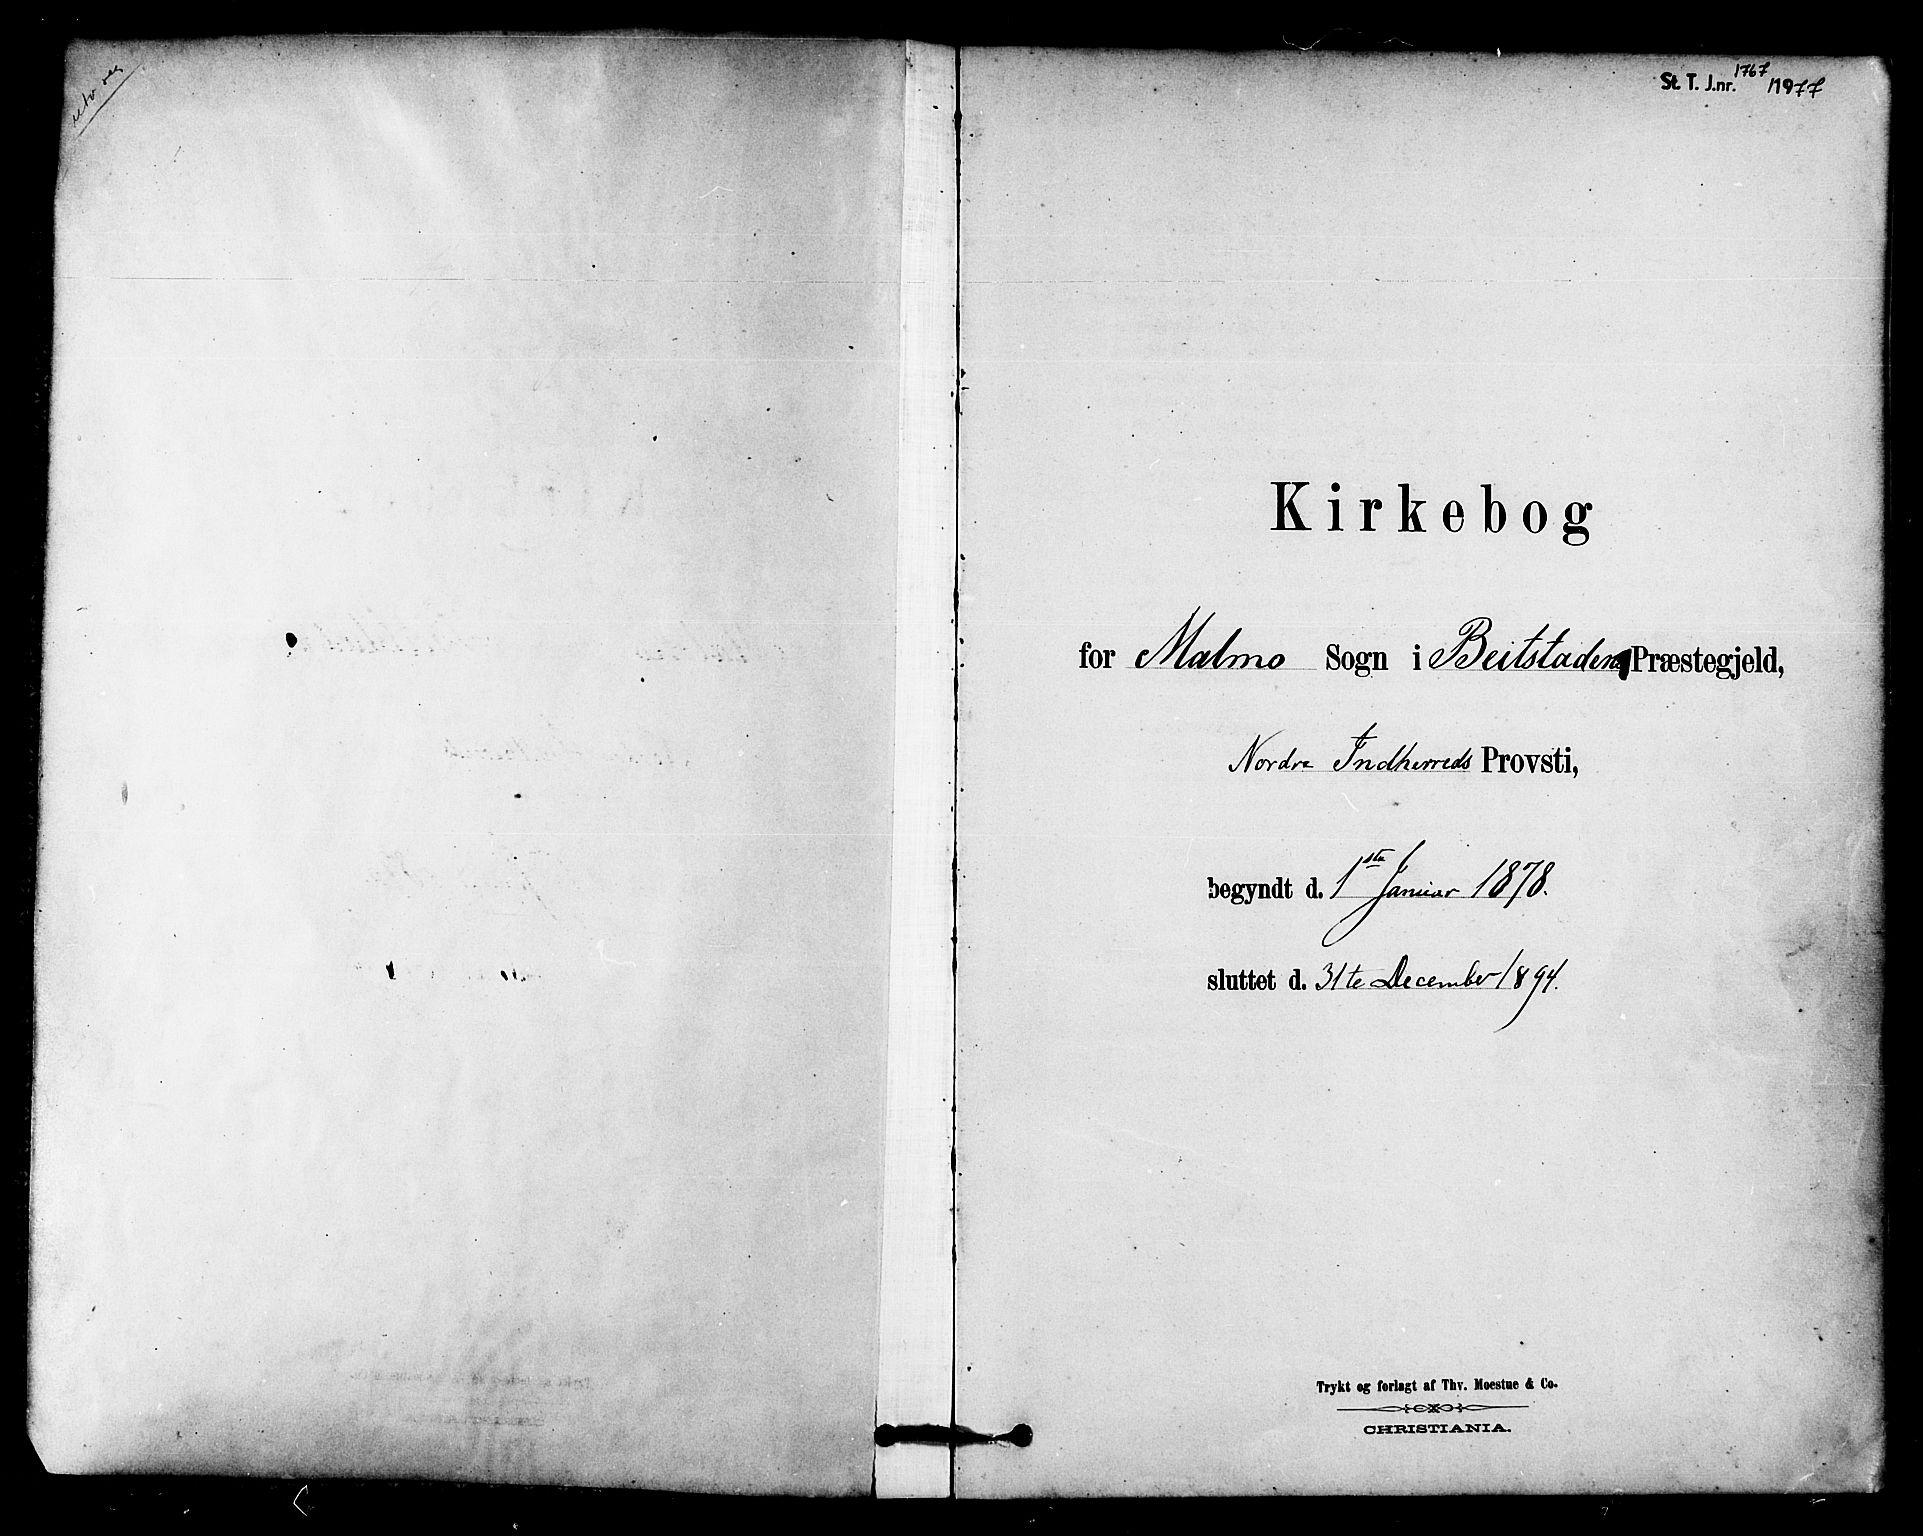 SAT, Ministerialprotokoller, klokkerbøker og fødselsregistre - Nord-Trøndelag, 745/L0429: Ministerialbok nr. 745A01, 1878-1894